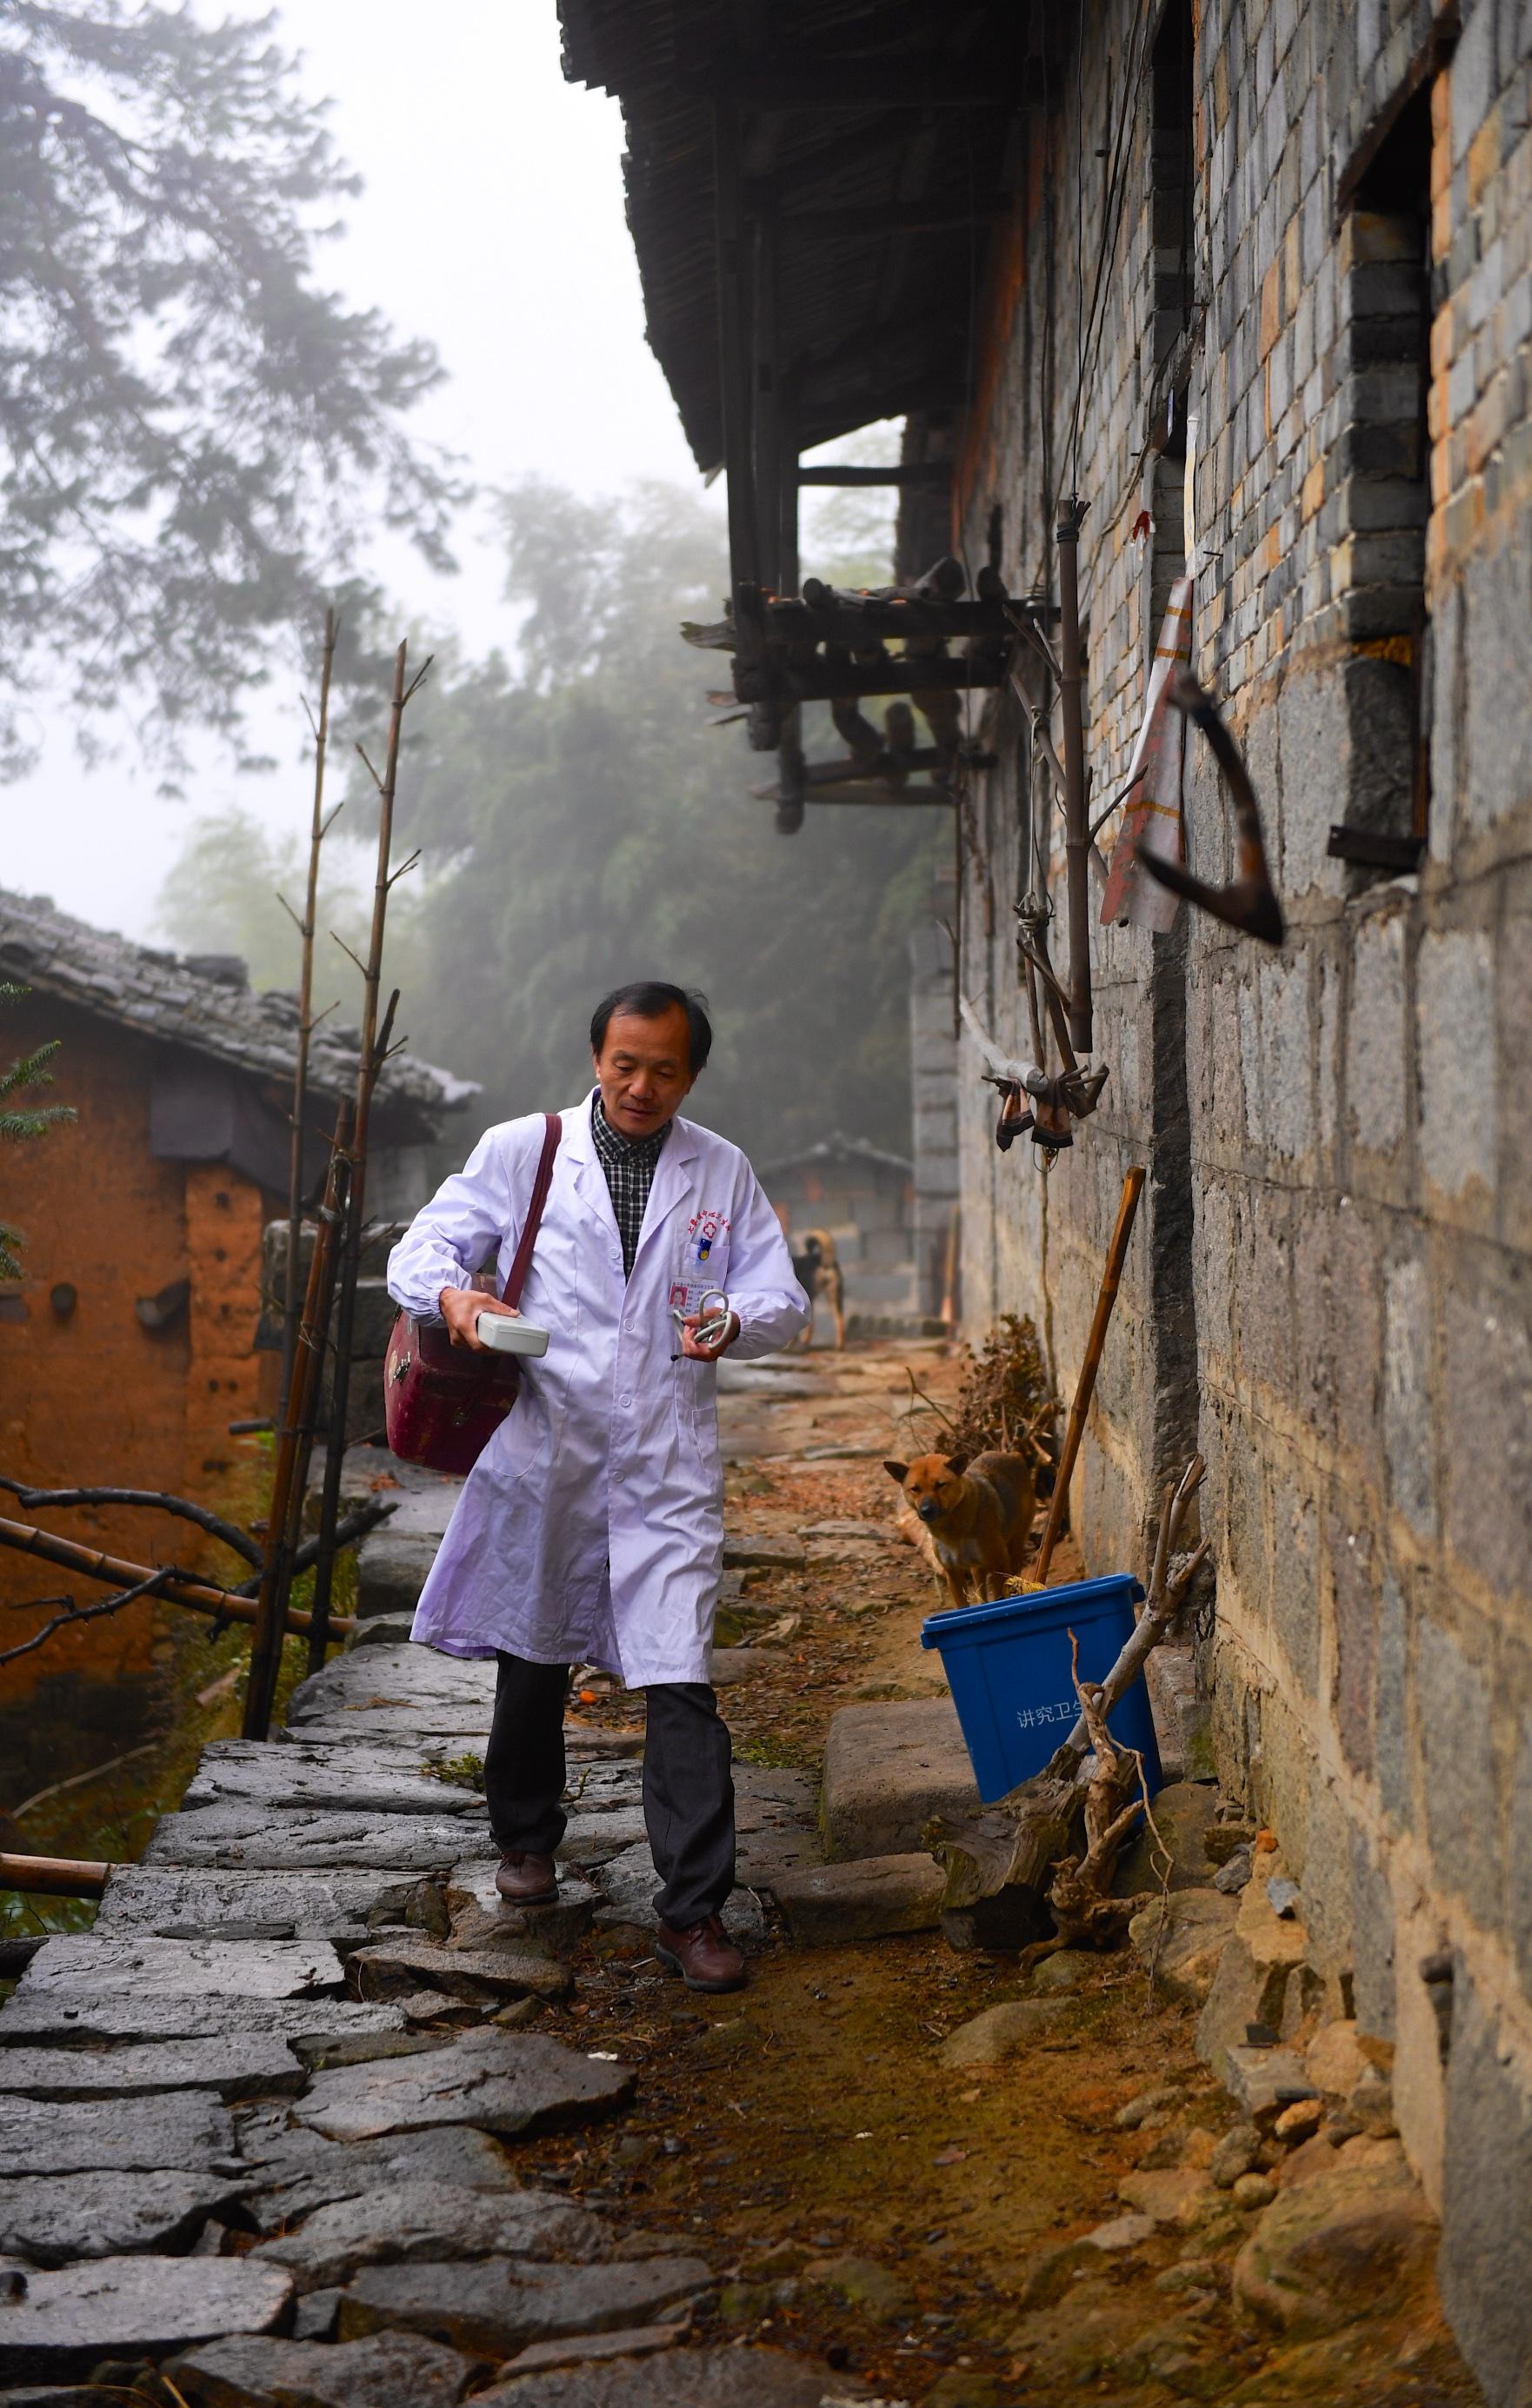 李勤如走在出诊的路上(11月1日摄)。 新华社记者 胡晨欢 摄